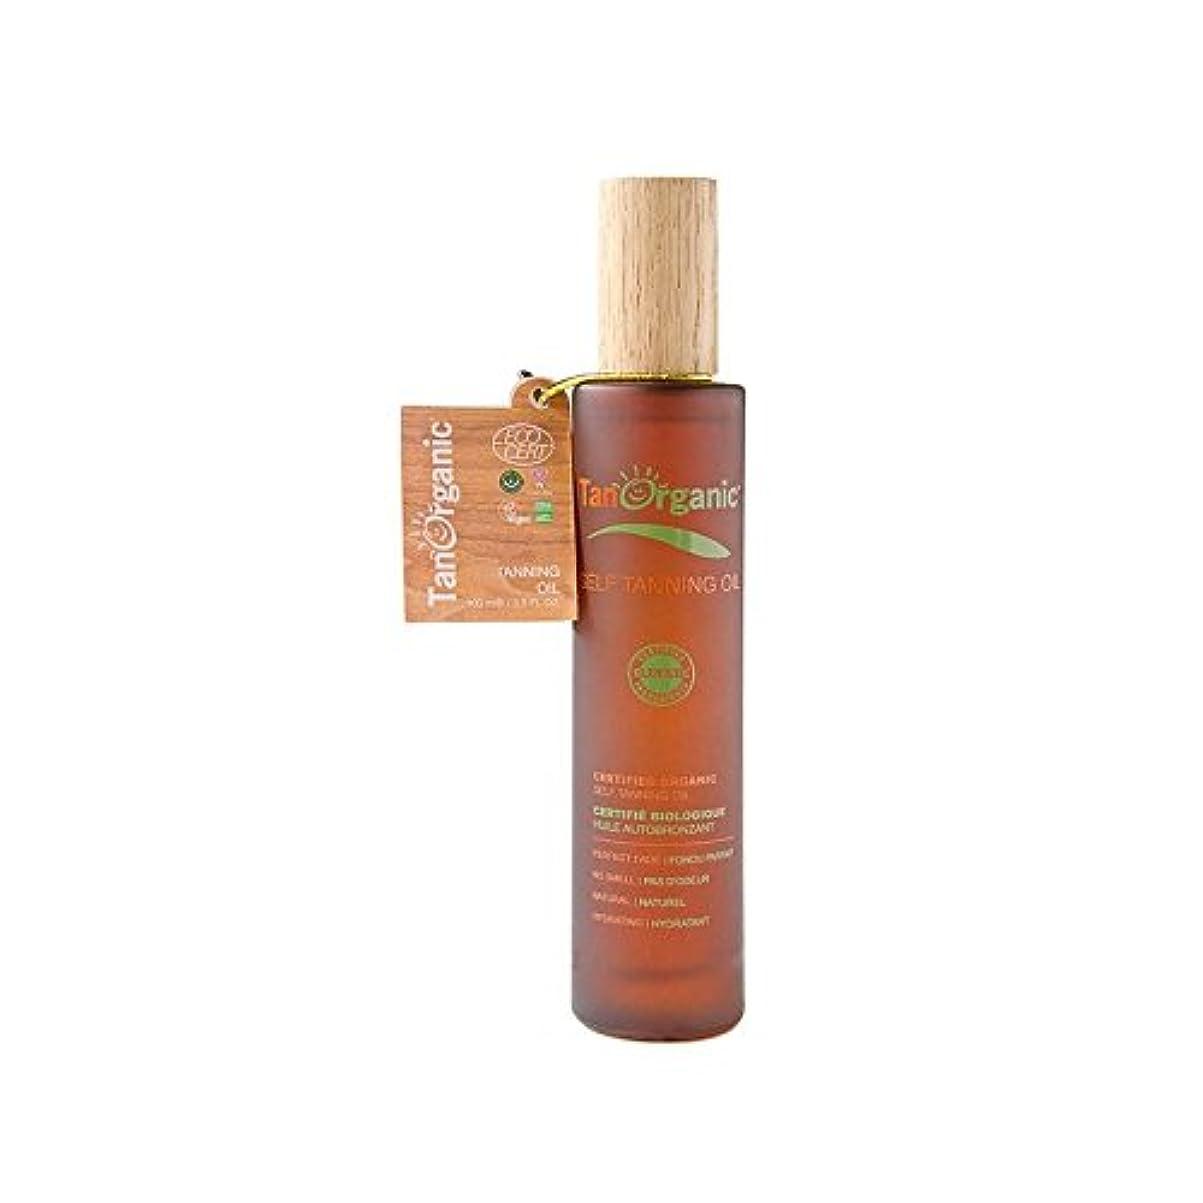 住人規制ロープTanorganic自己日焼け顔&ボディオイル (Tan Organic) (x 2) - TanOrganic Self-Tan Face & Body Oil (Pack of 2) [並行輸入品]